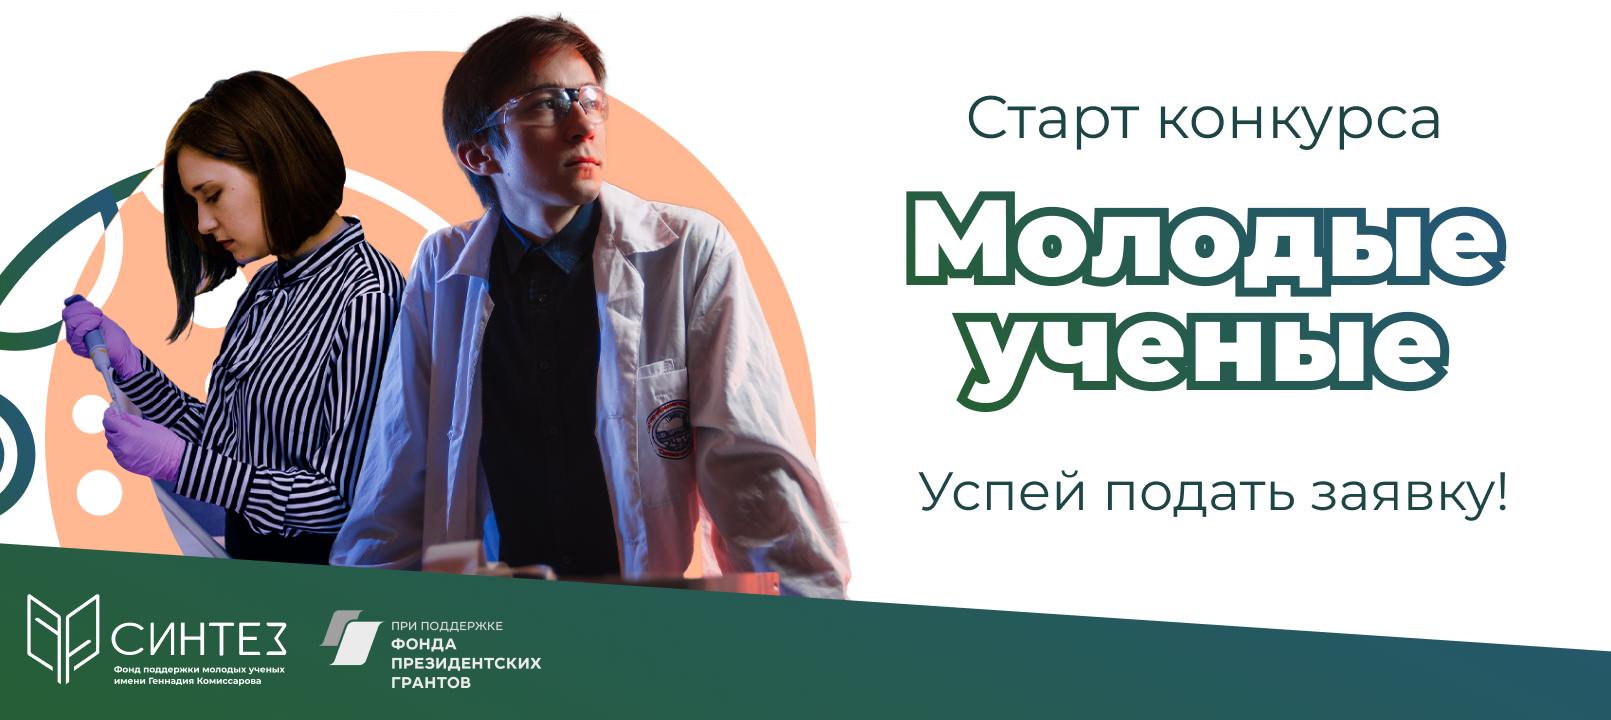 баннер конкурса Молодые ученые